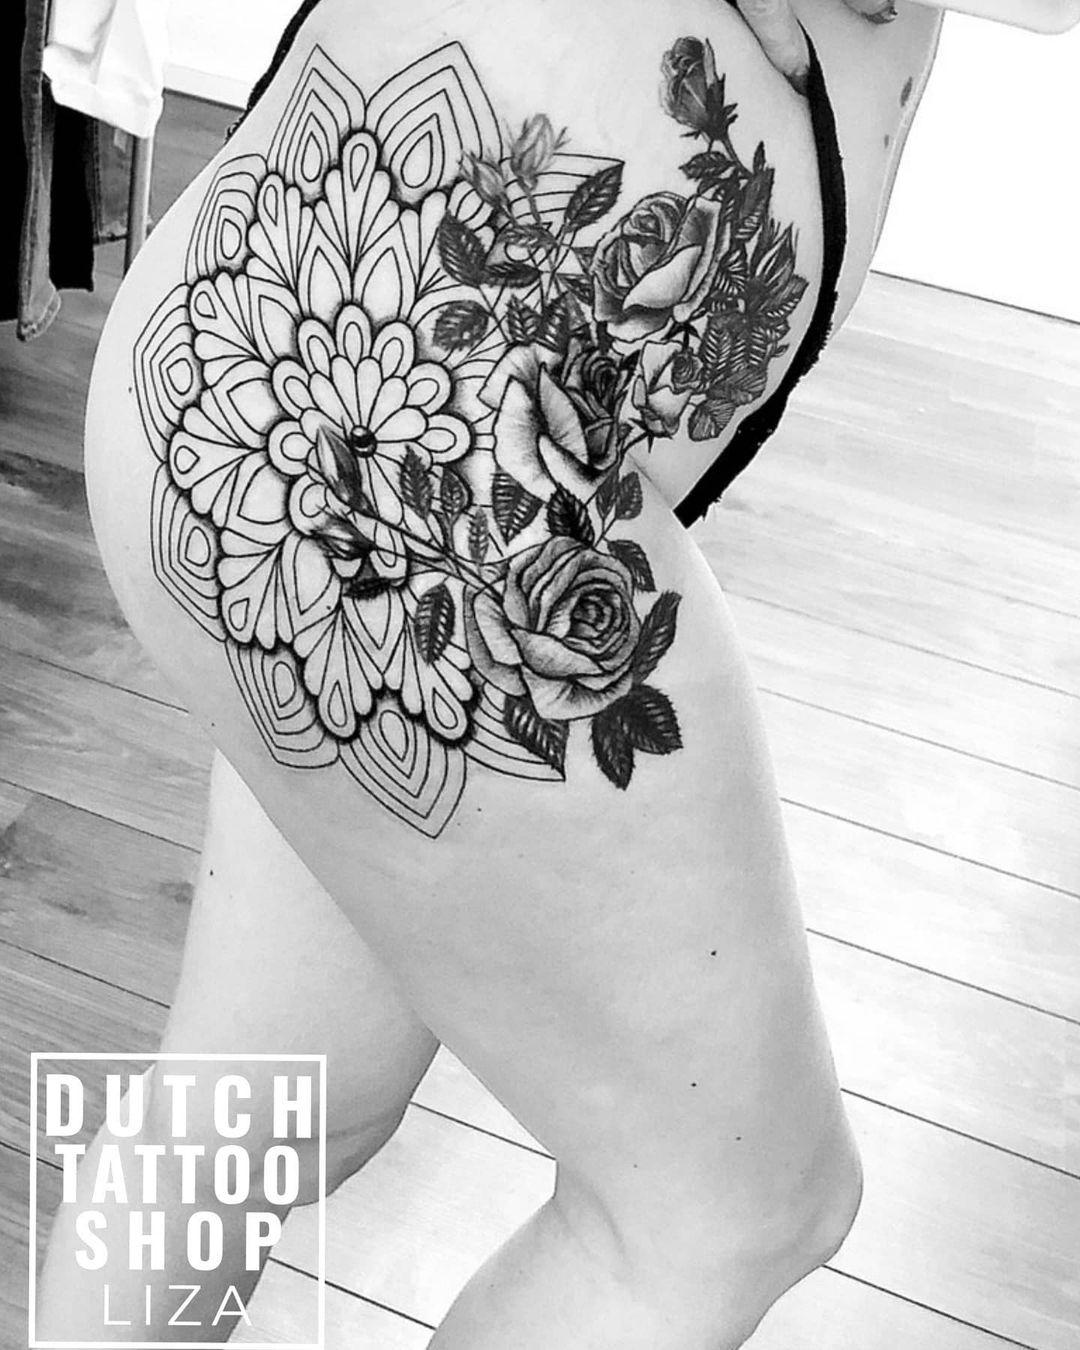 mandala-dijbeen-vrouwelijk-heup-tattoo-rozen